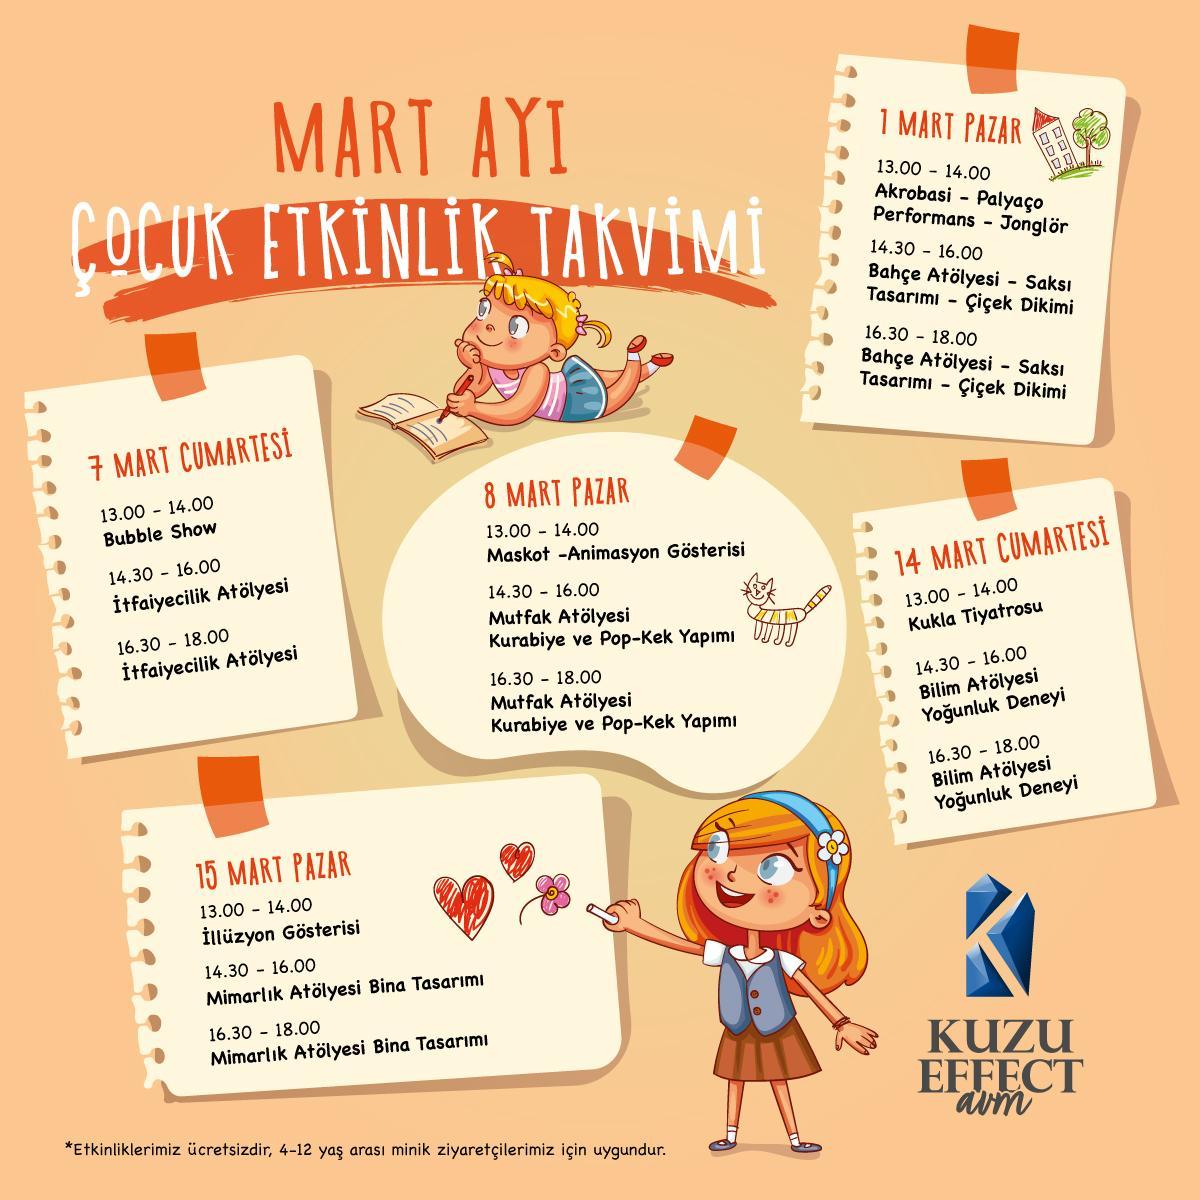 Mart Ayı Çocuk Etkinlik Takvimi